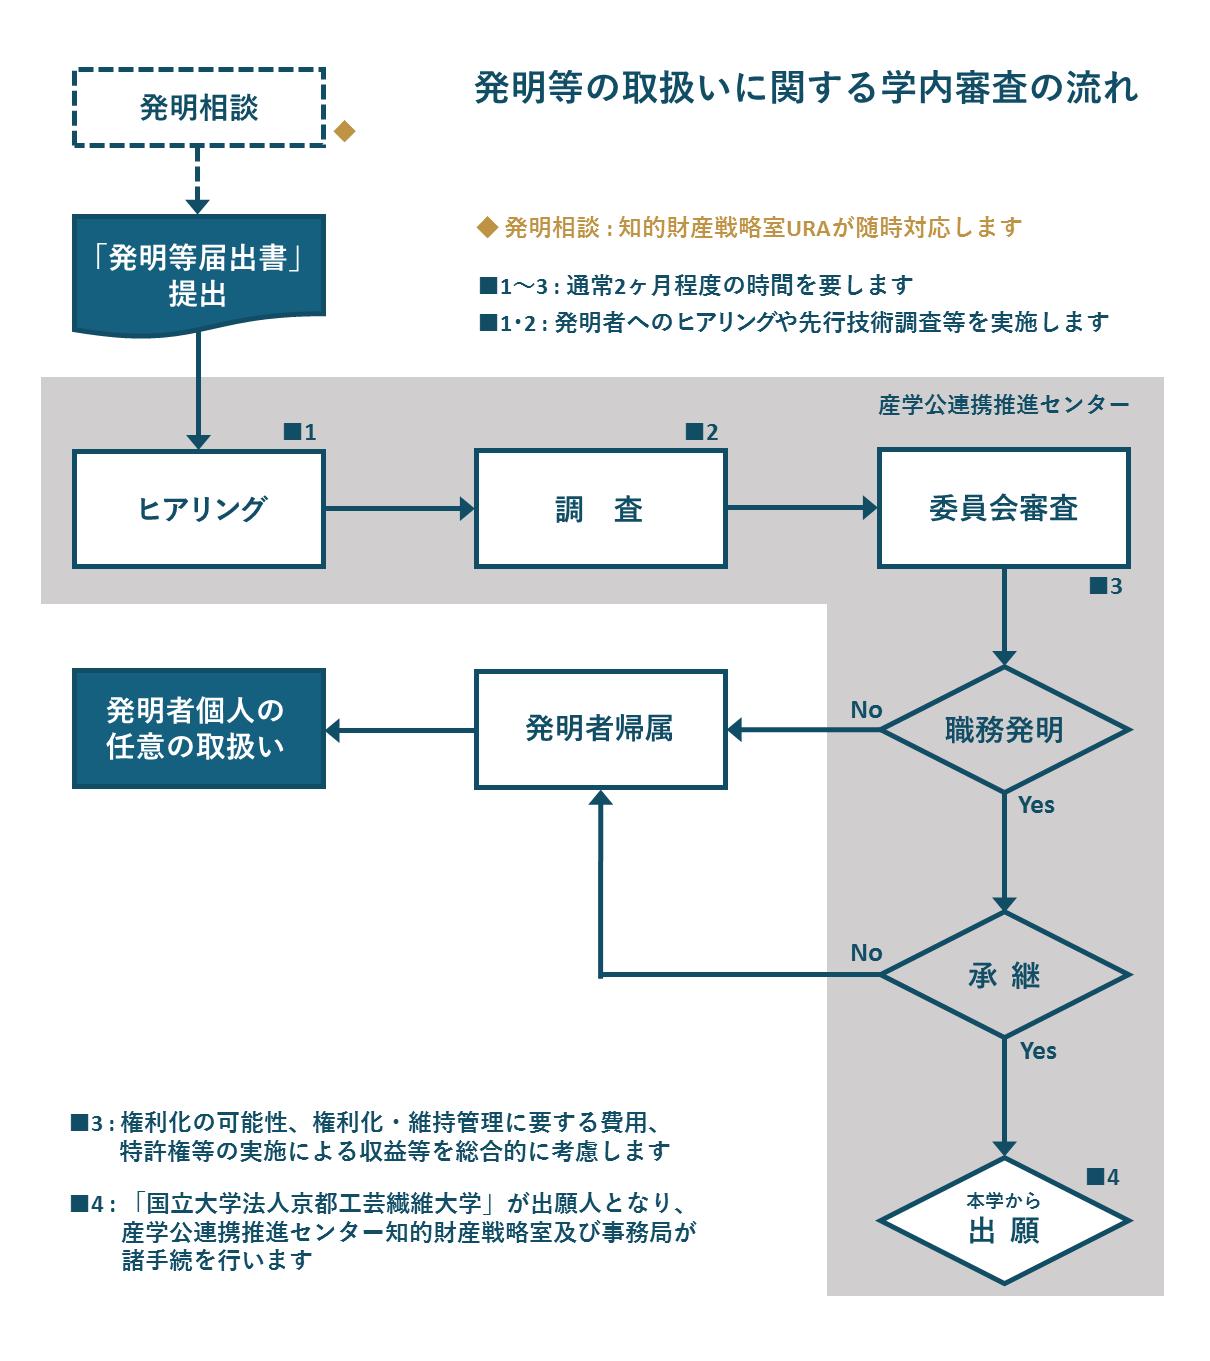 https://www.liaison.kit.ac.jp/liaison/intellectual_property/47b9cab72a29b4dbb848e9d1c7bebe5ab0e542d8.PNG